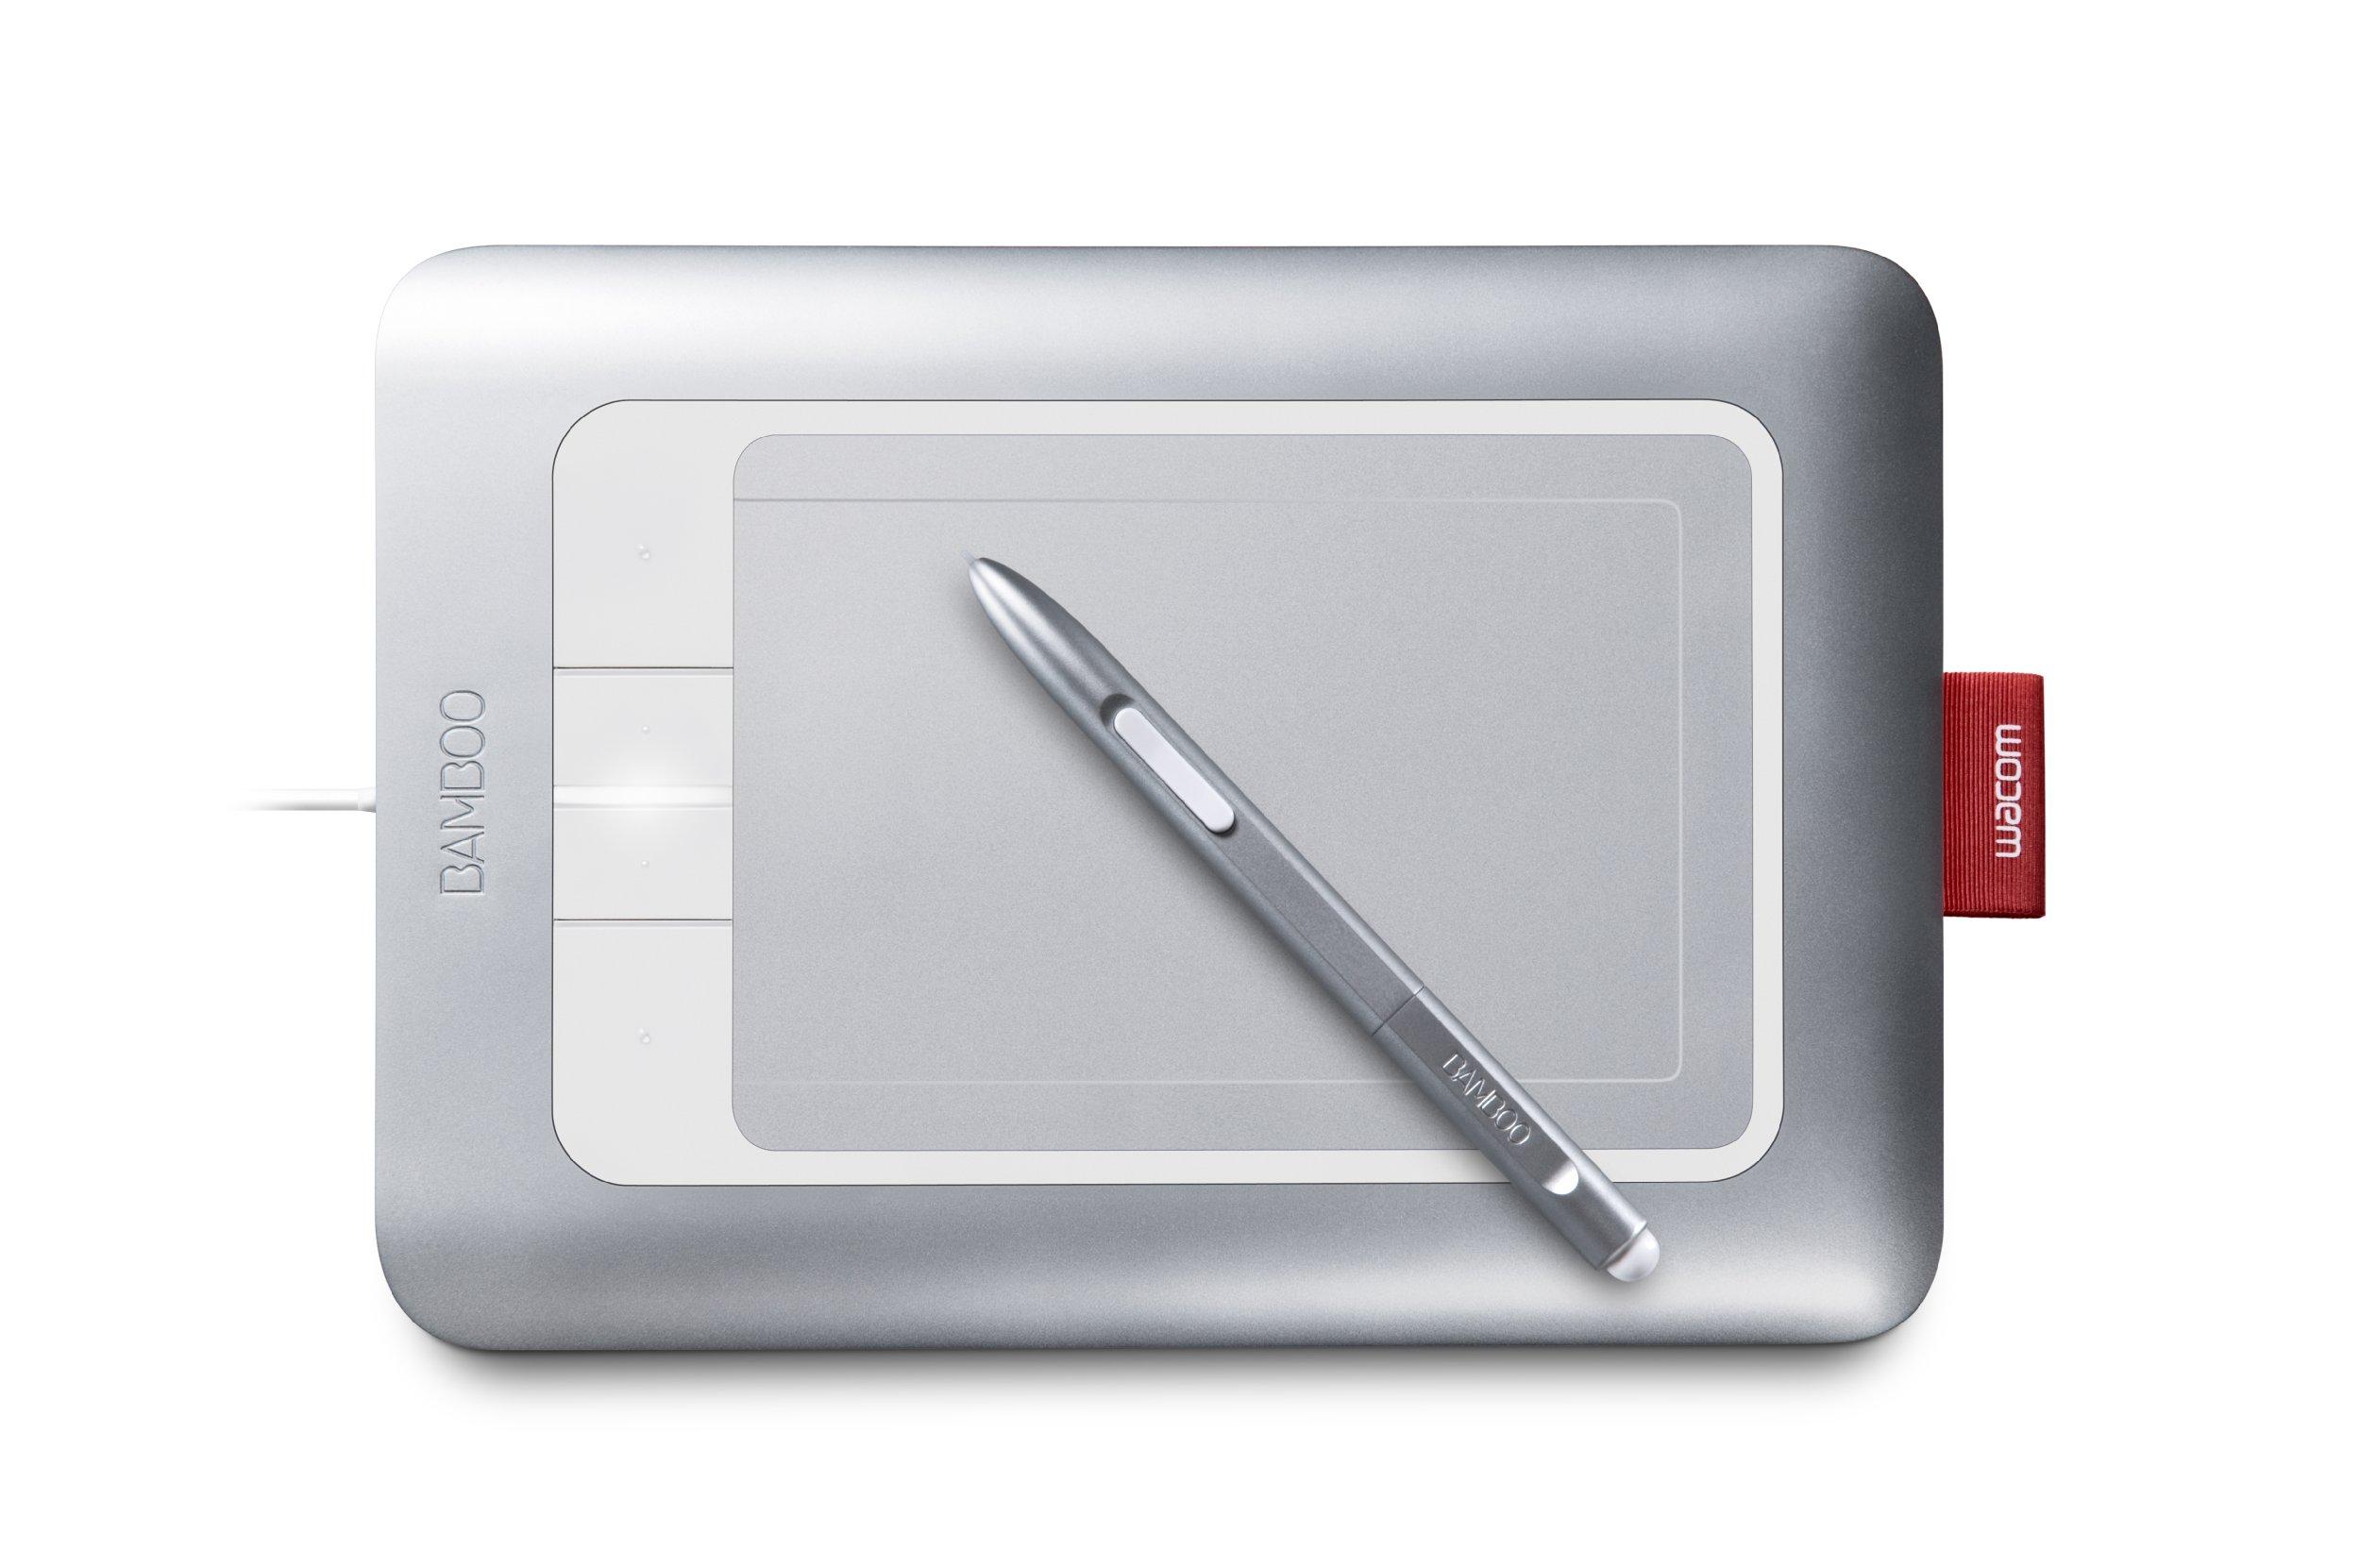 Wacom CTH461 Bamboo Craft Tablet by Wacom